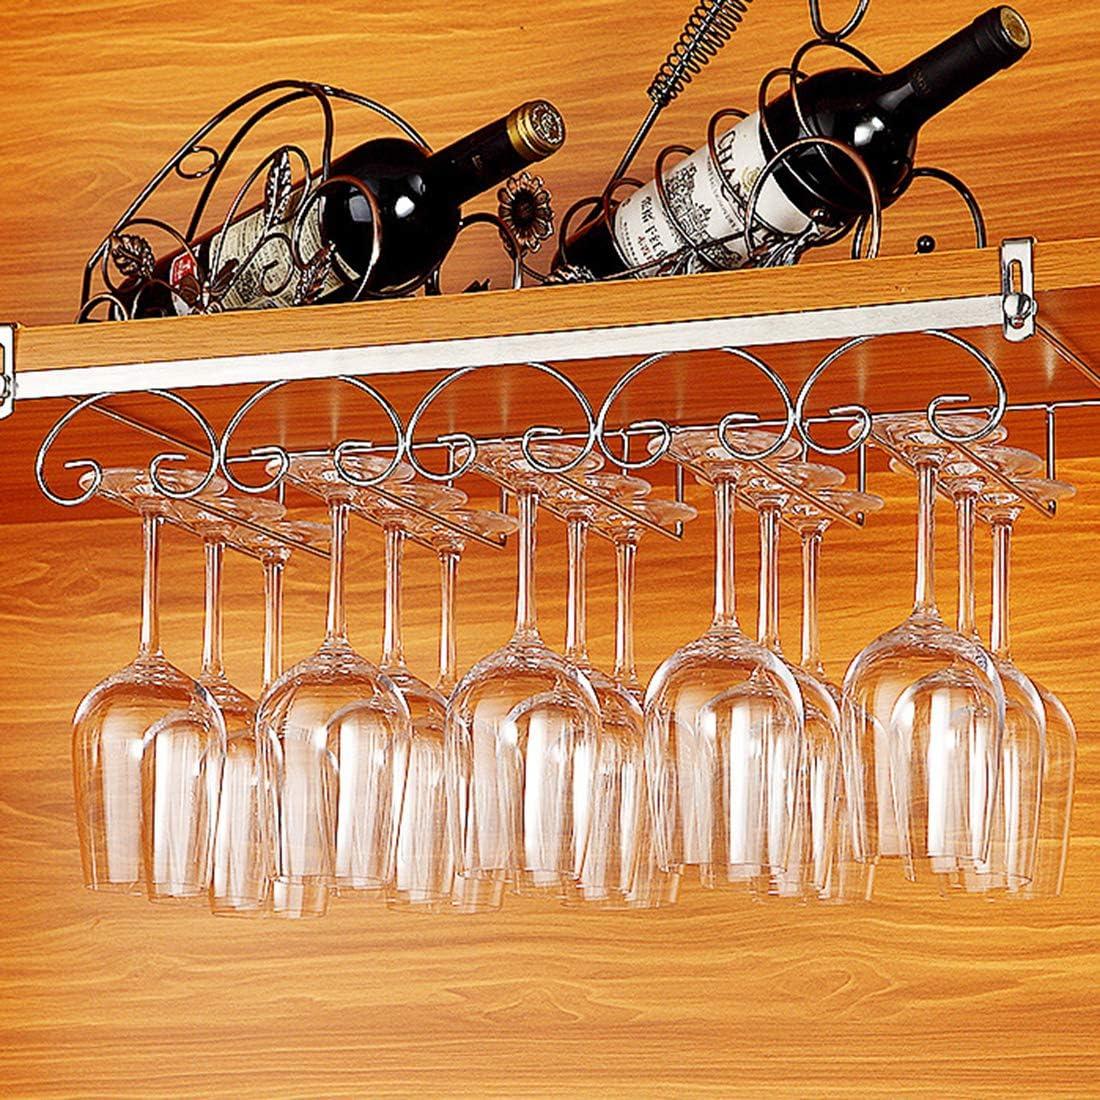 Support de Verre /à Vin avec 3 Rails pour 6-9 Verres 34 x 24 x 4,5cm Tosbess Porte-Verres Suspendu